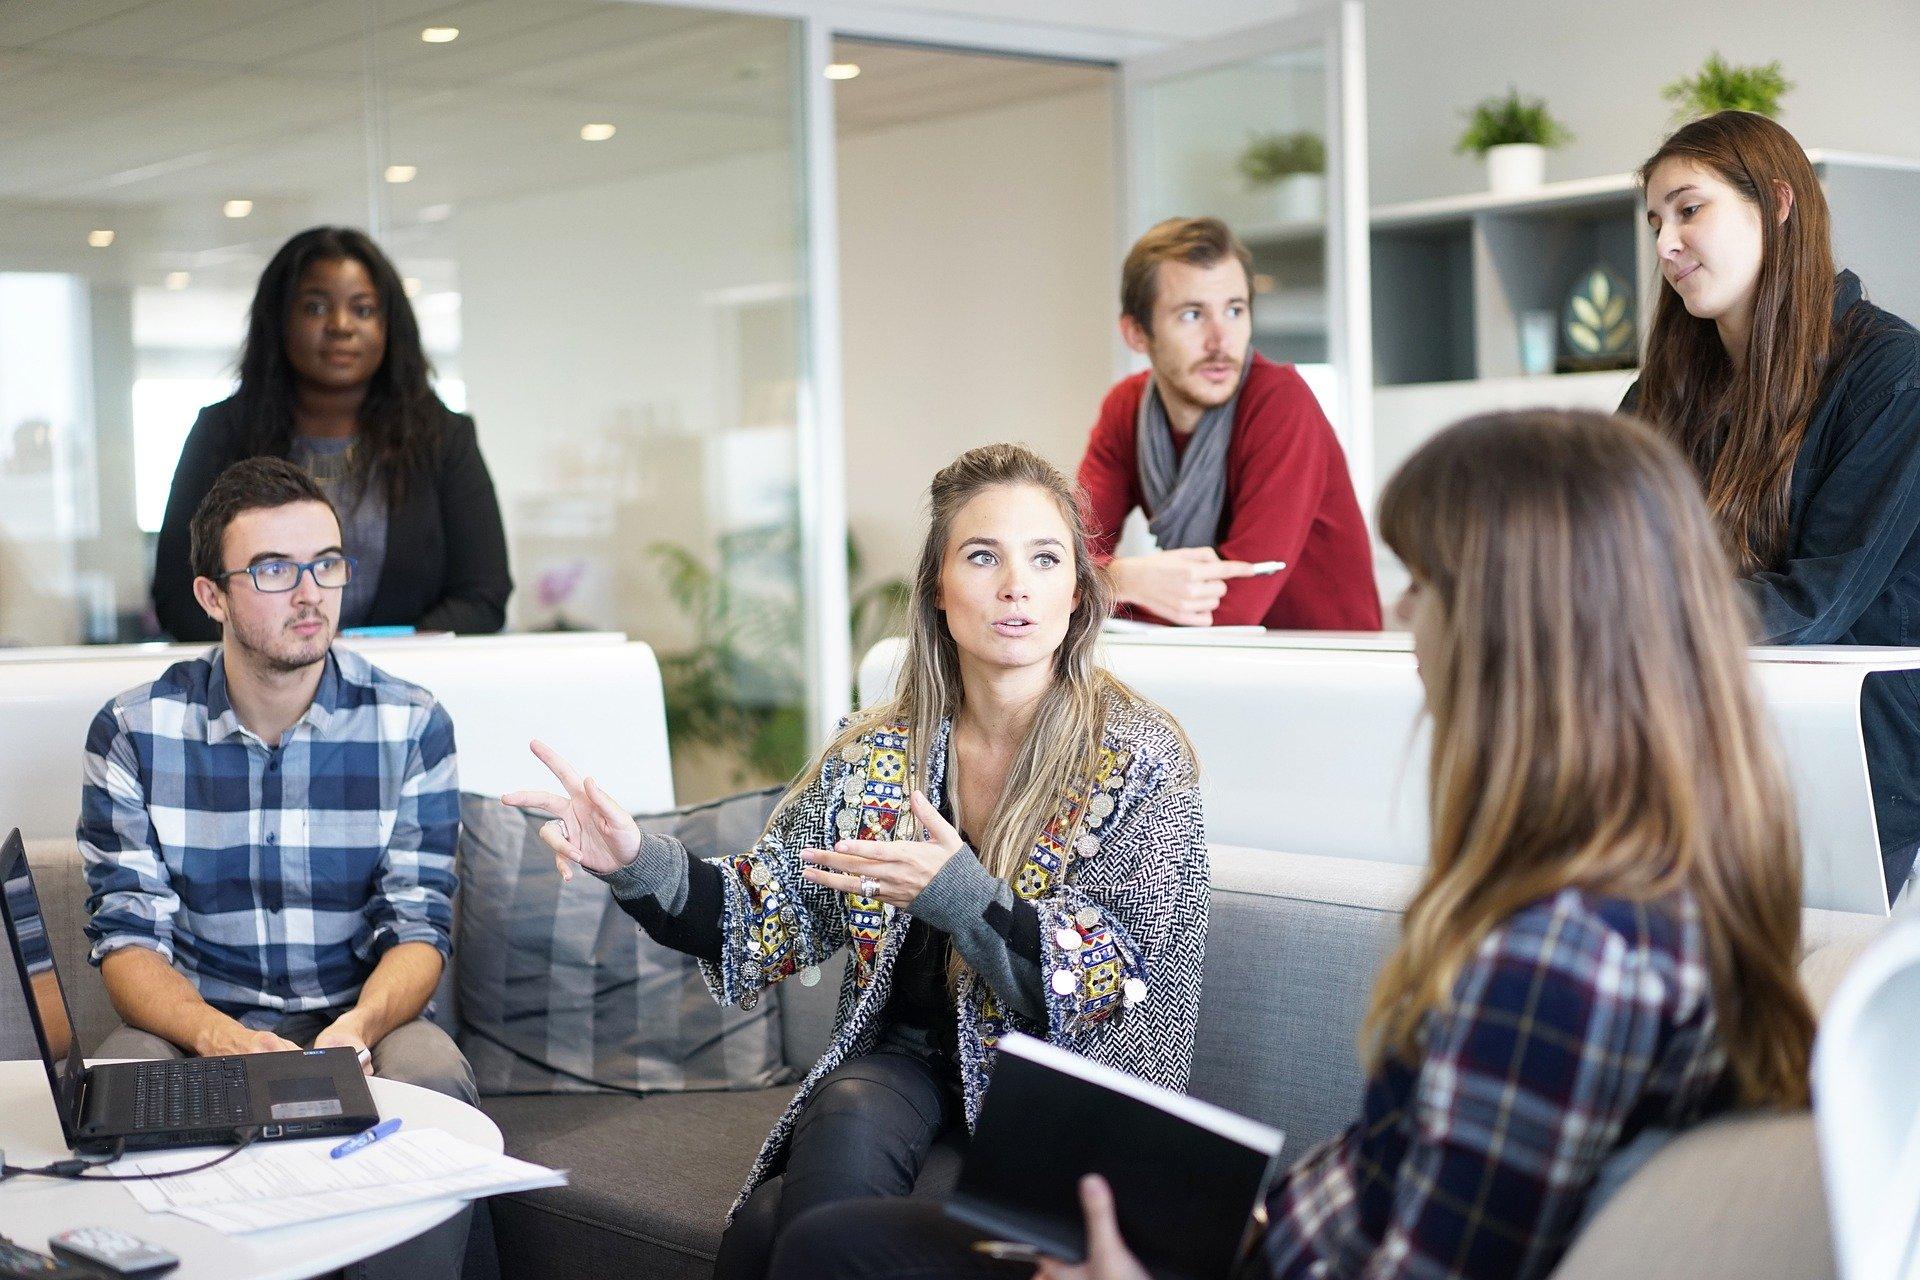 Bien-être au travail - Plusieurs métiers professionnels contribuent à un bon cadre de travail